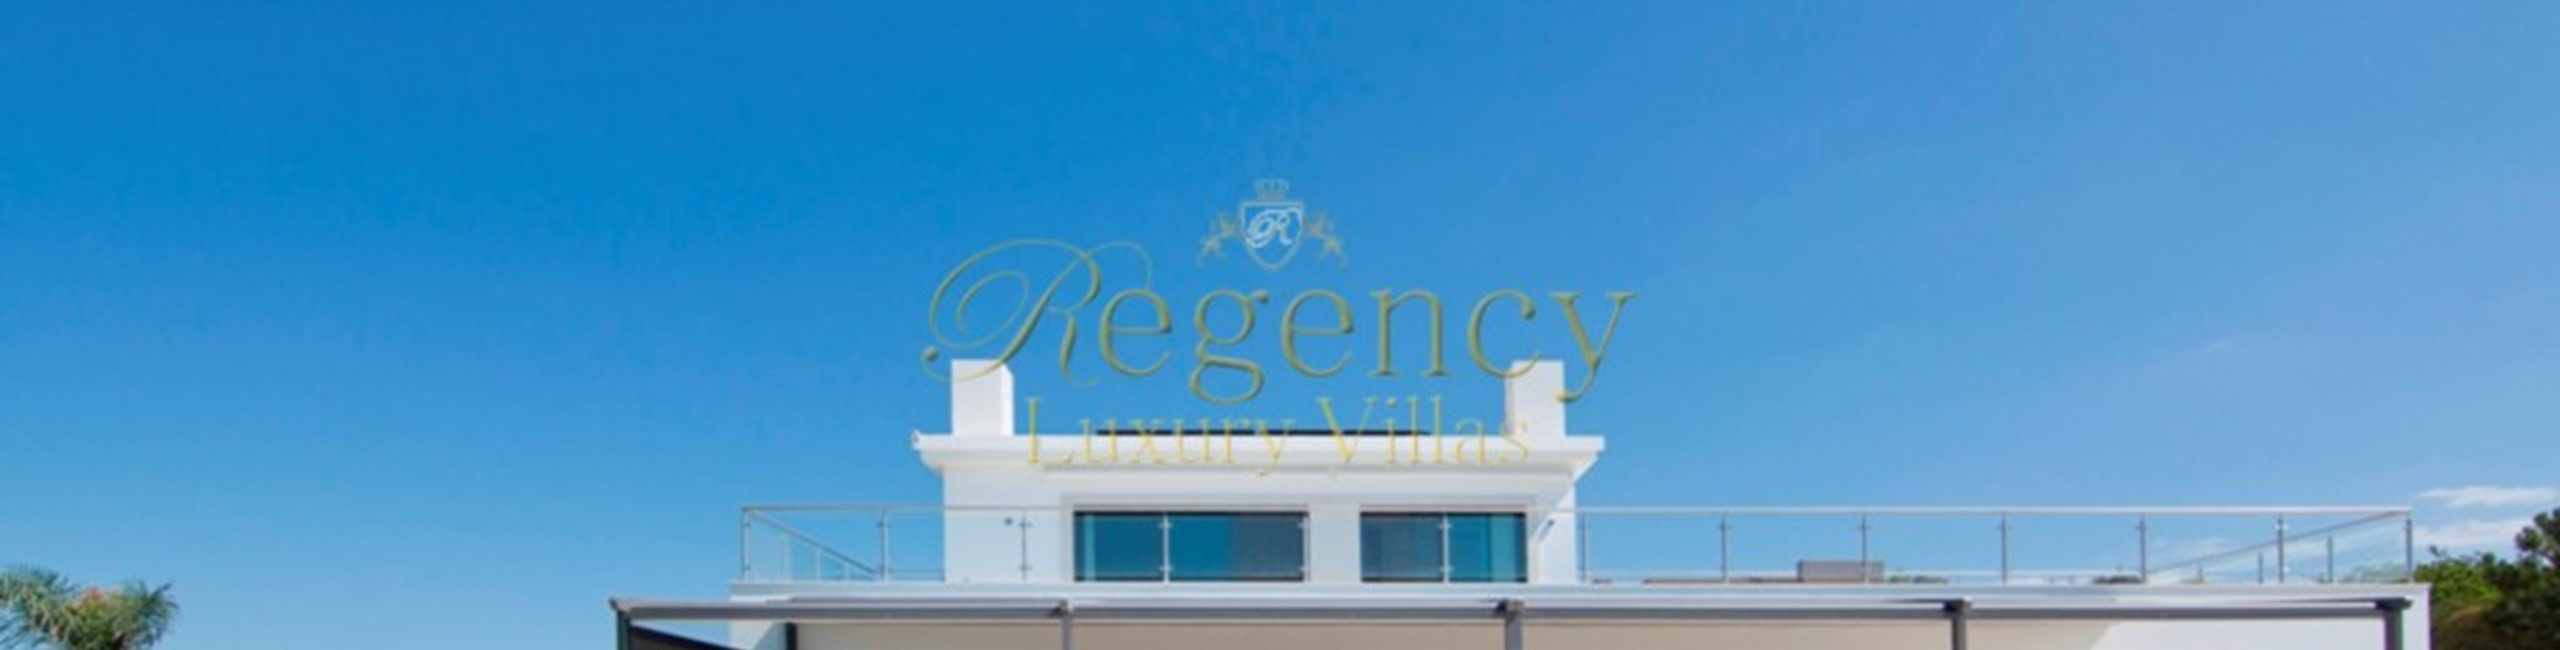 Holiday Villa Rental In Quinta Do Lago 5 Bedrooms With Pool Regency Luxury Villas 4